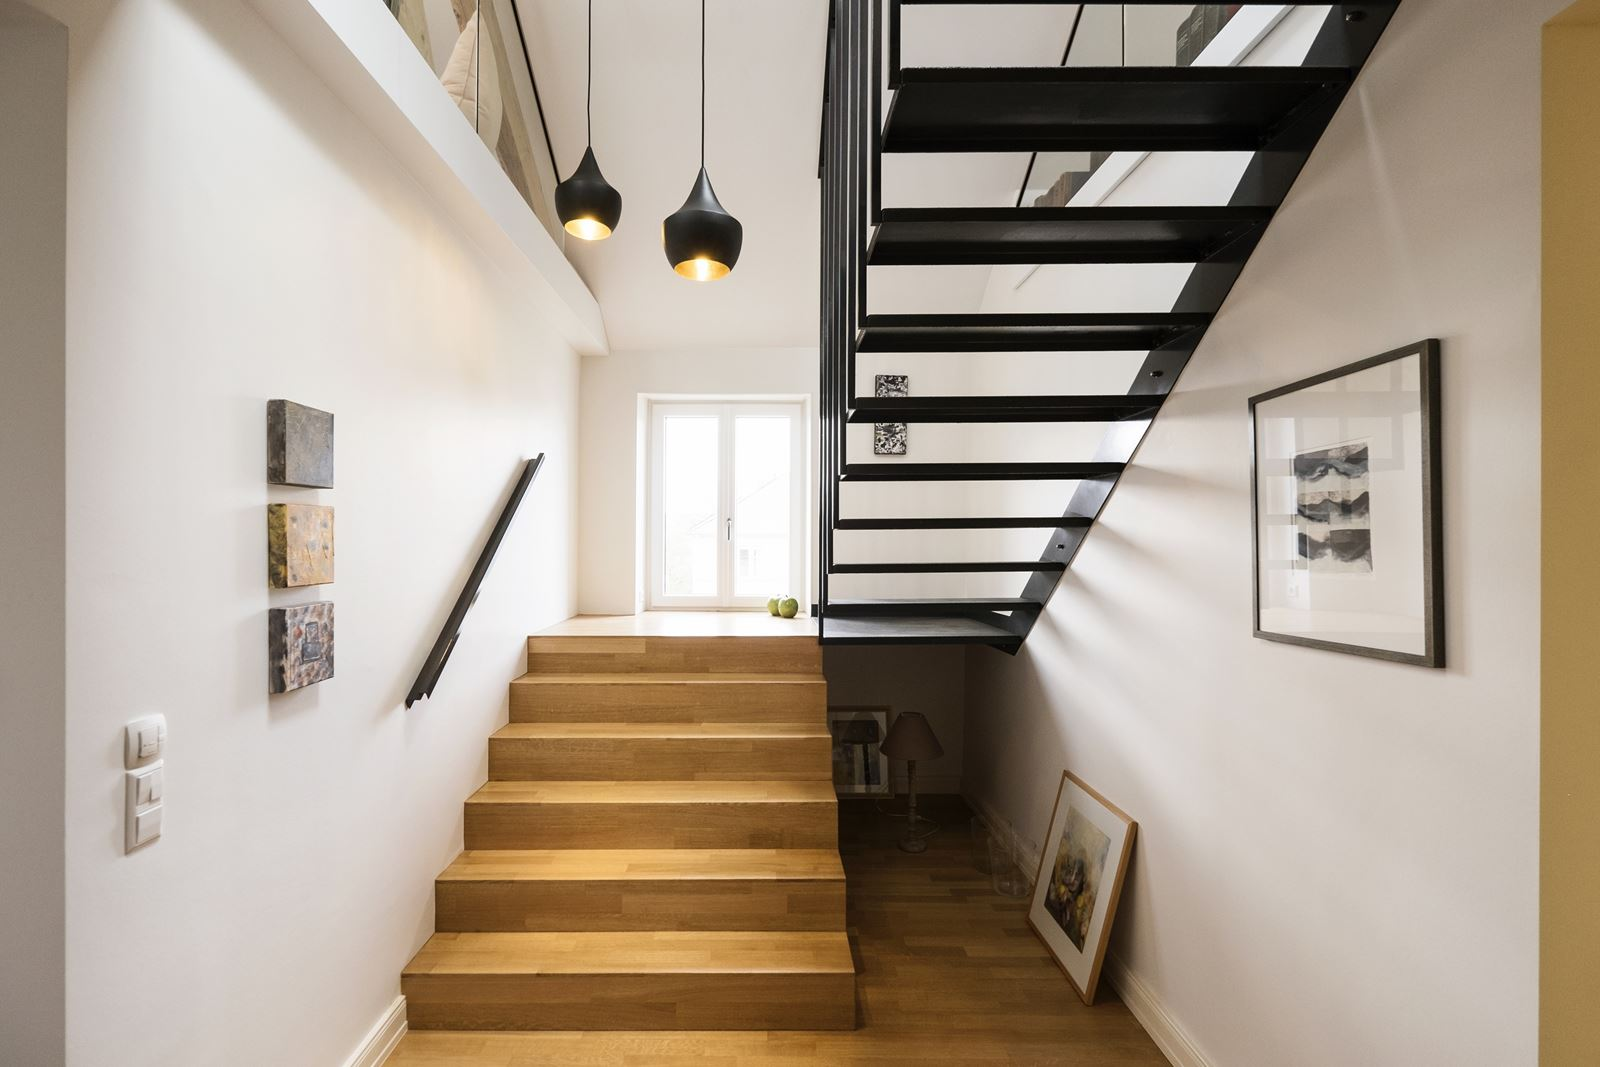 Una casa su due livelli con zona giorno in mansarda - Mansarda.it